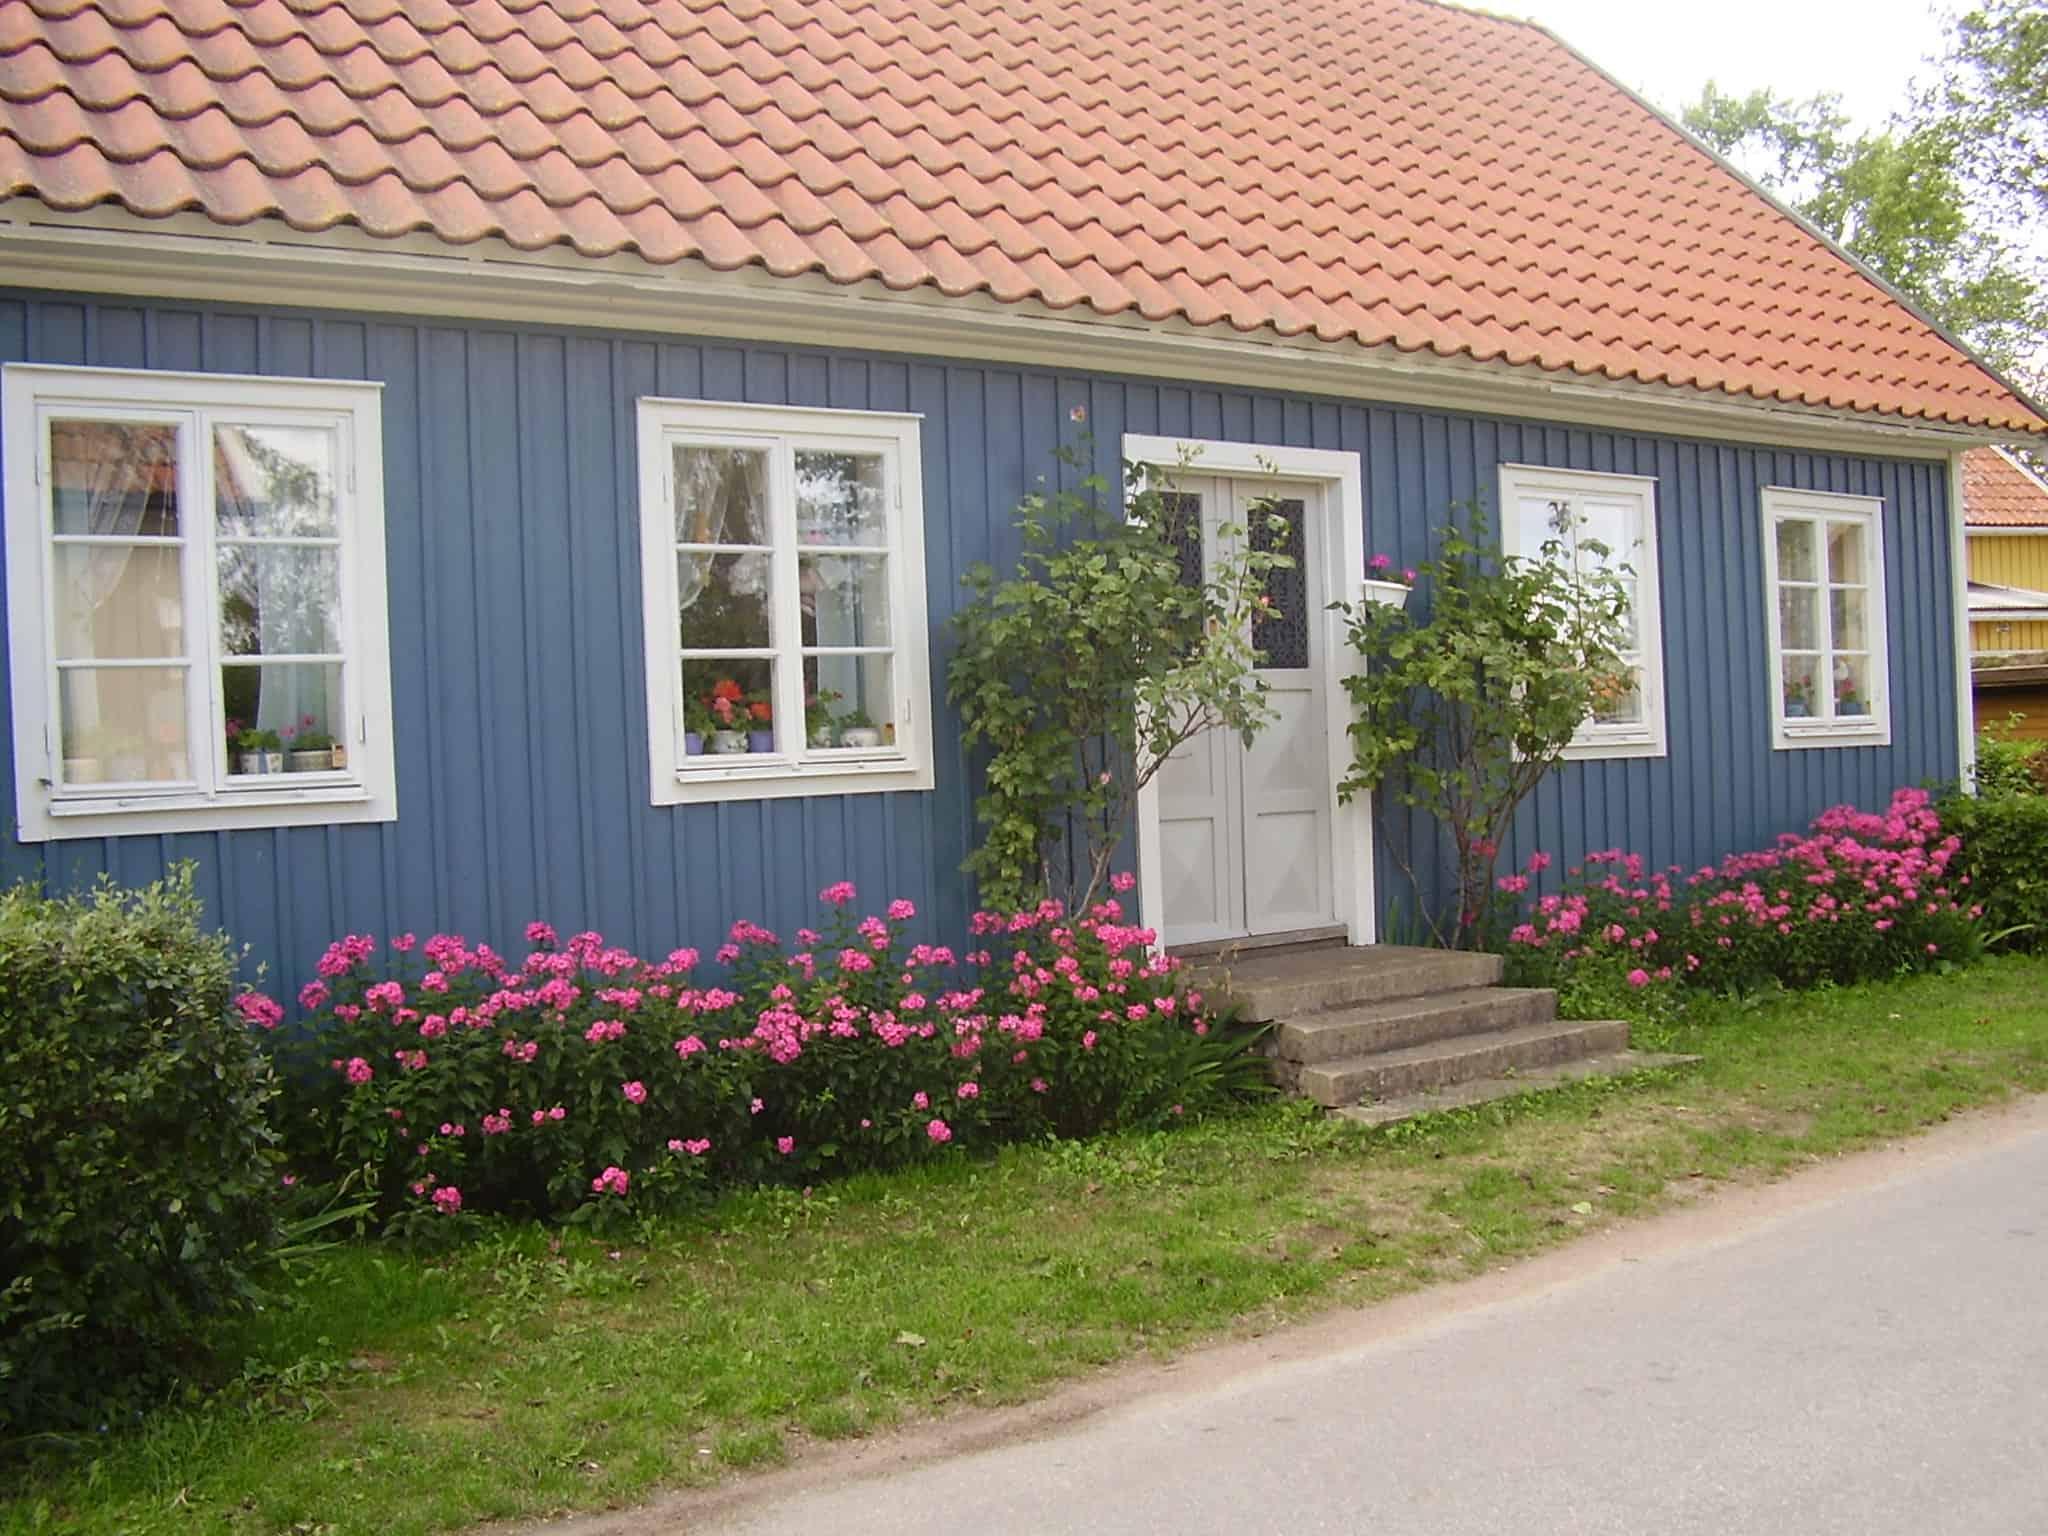 Peinture bois peinture su doise peinture mate peinture for Peinture pour balcon exterieur